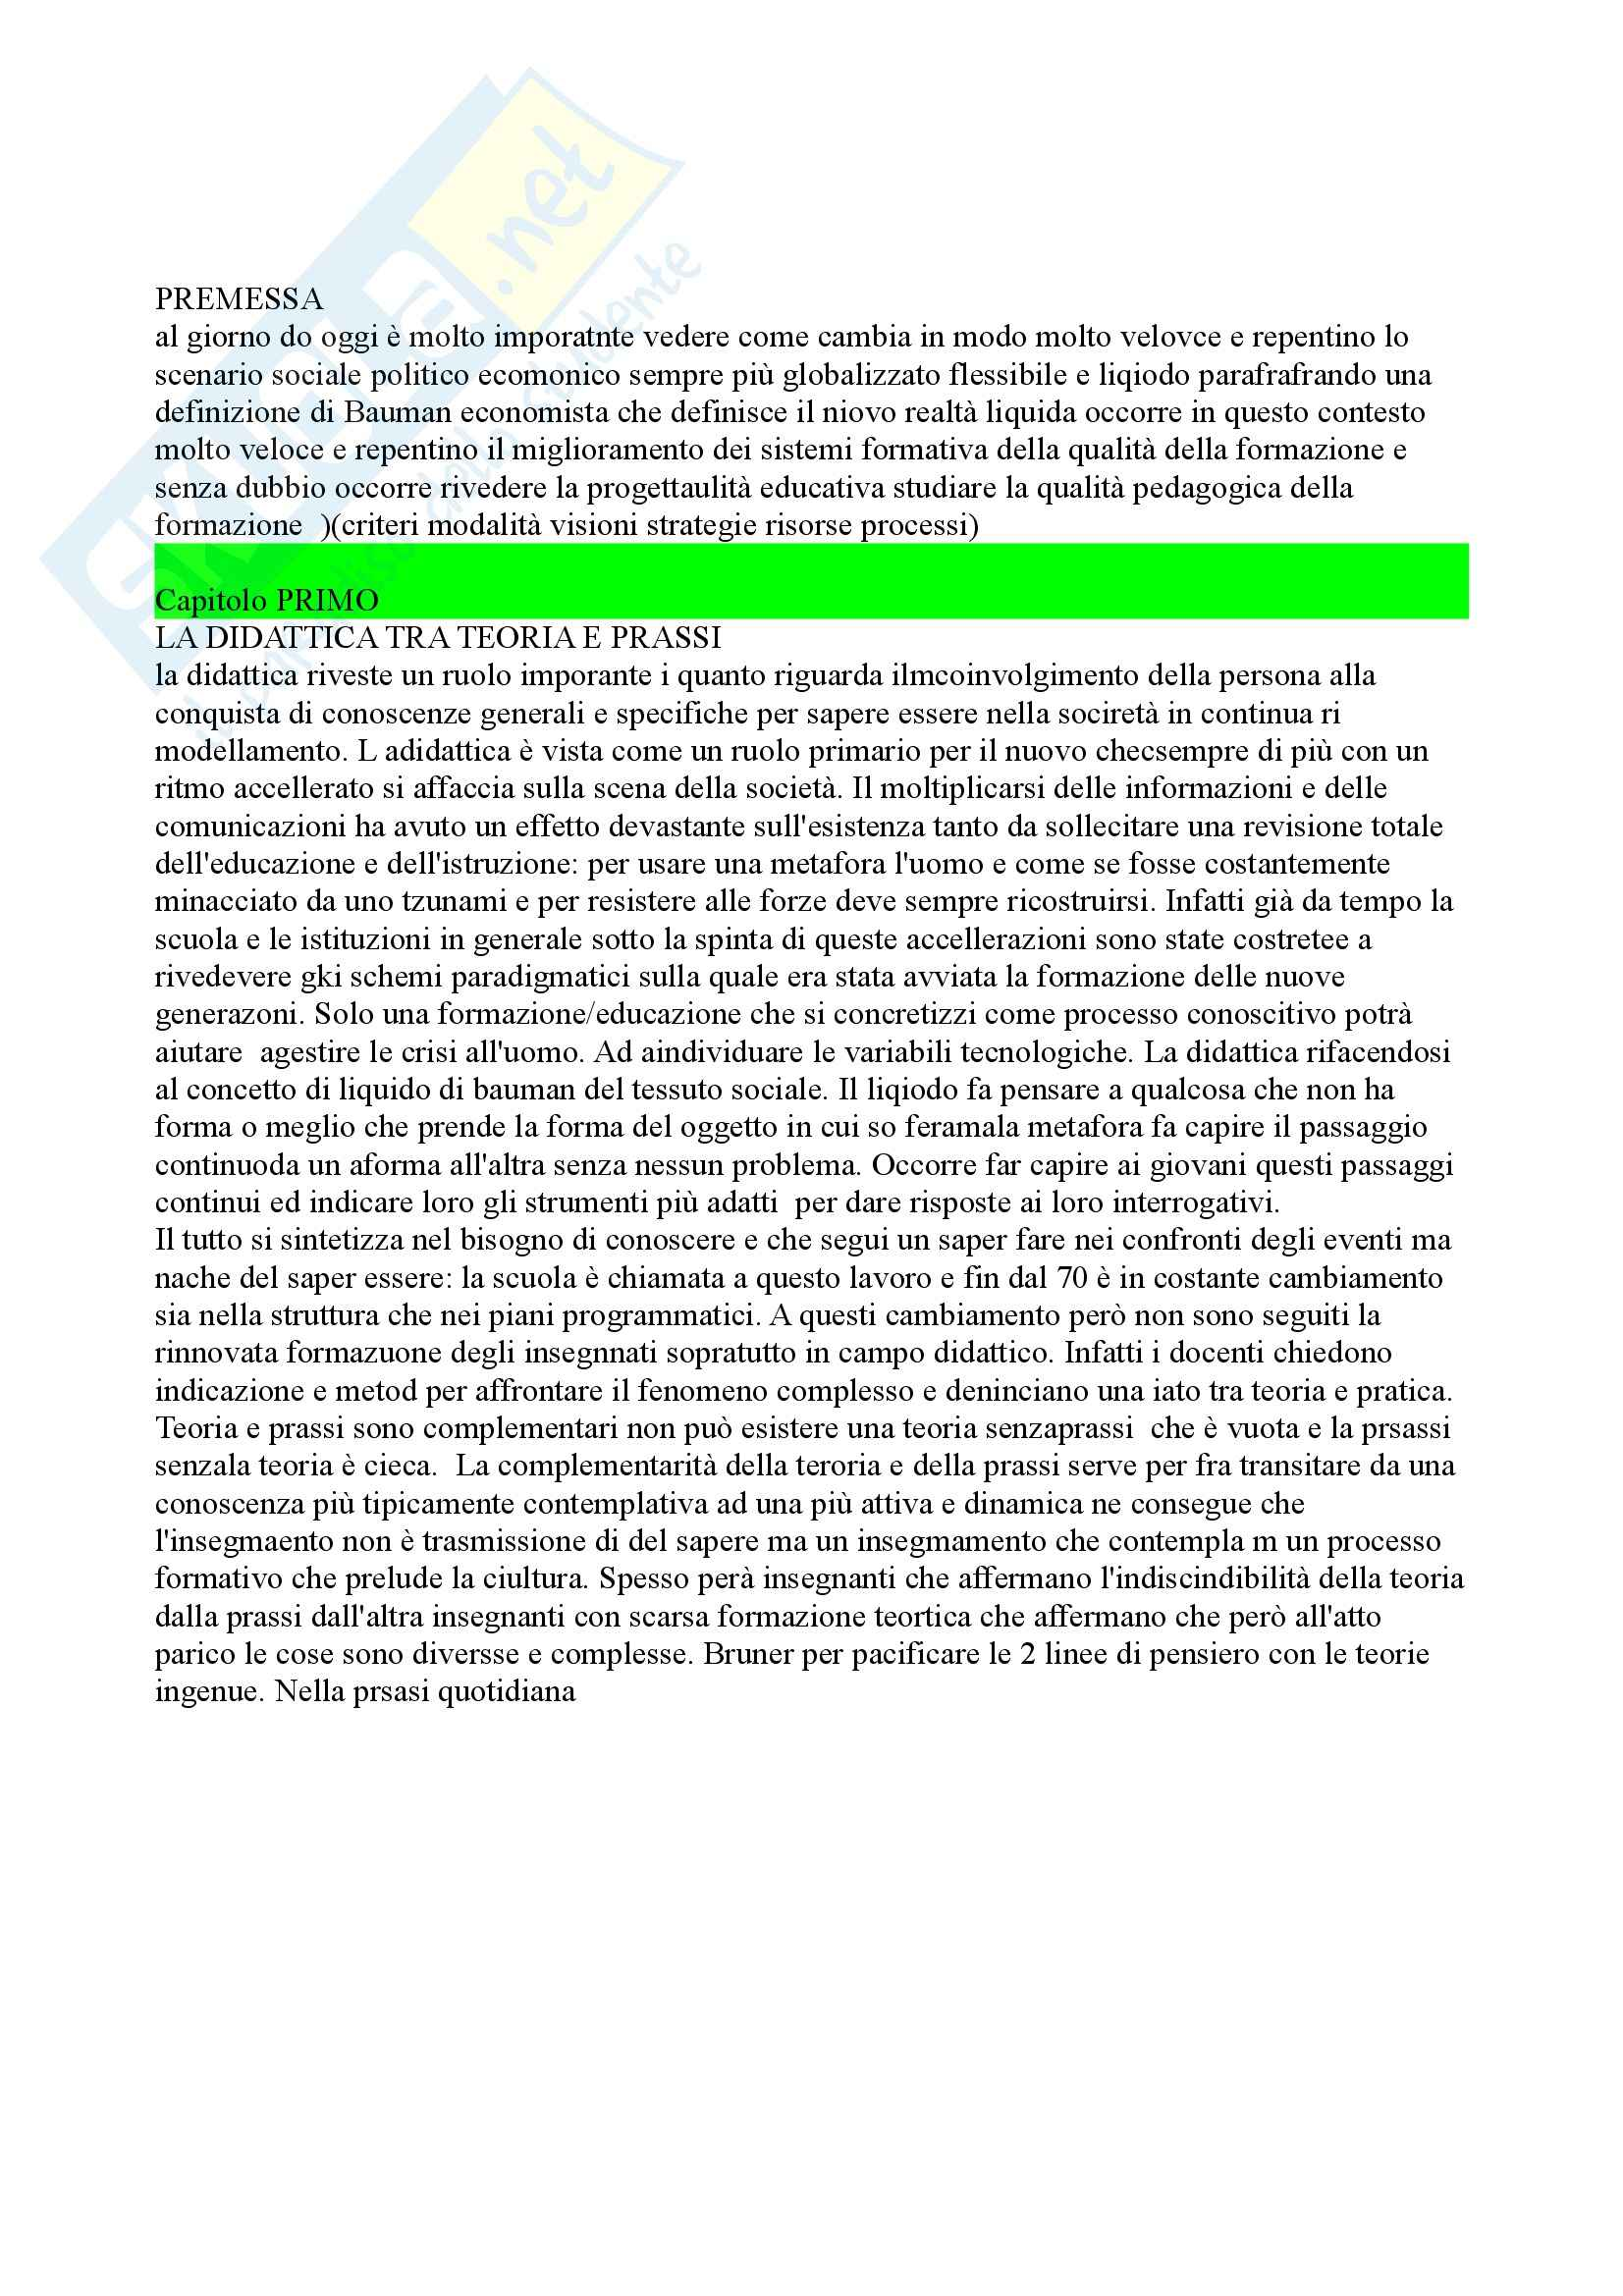 Riassunto esame Strategie educativo-didattiche, prof. De Angelis, libro consigliato Progettualità educativa e qualità pedagogica